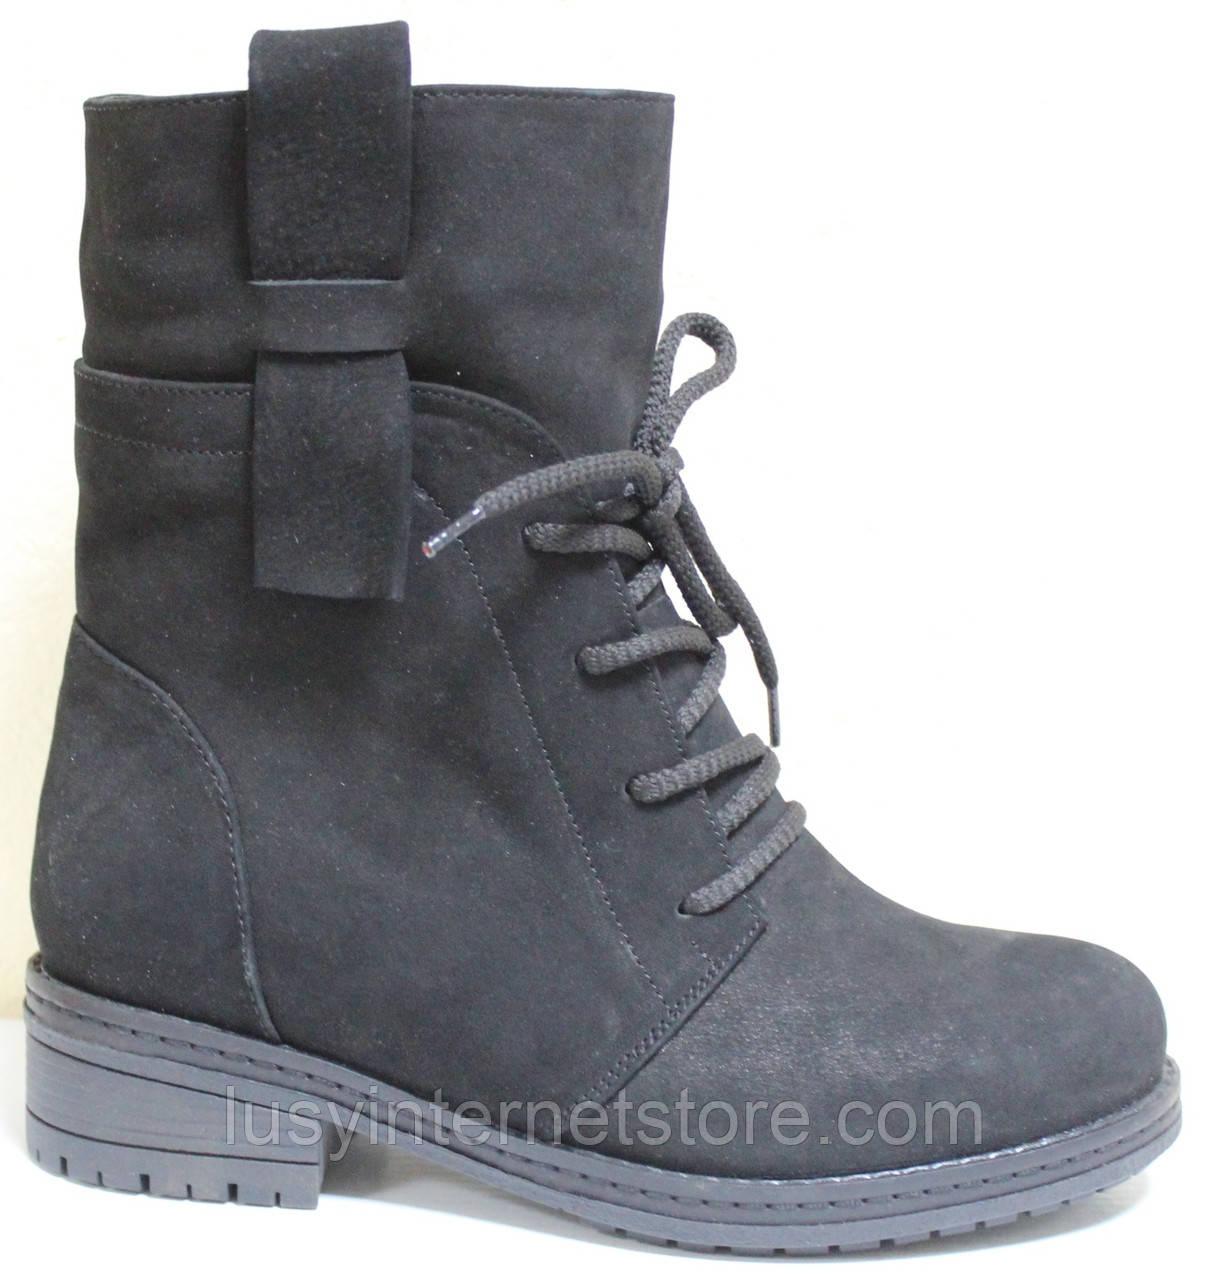 Ботинки замшевые женские зимние от производителя модель О8-471-1